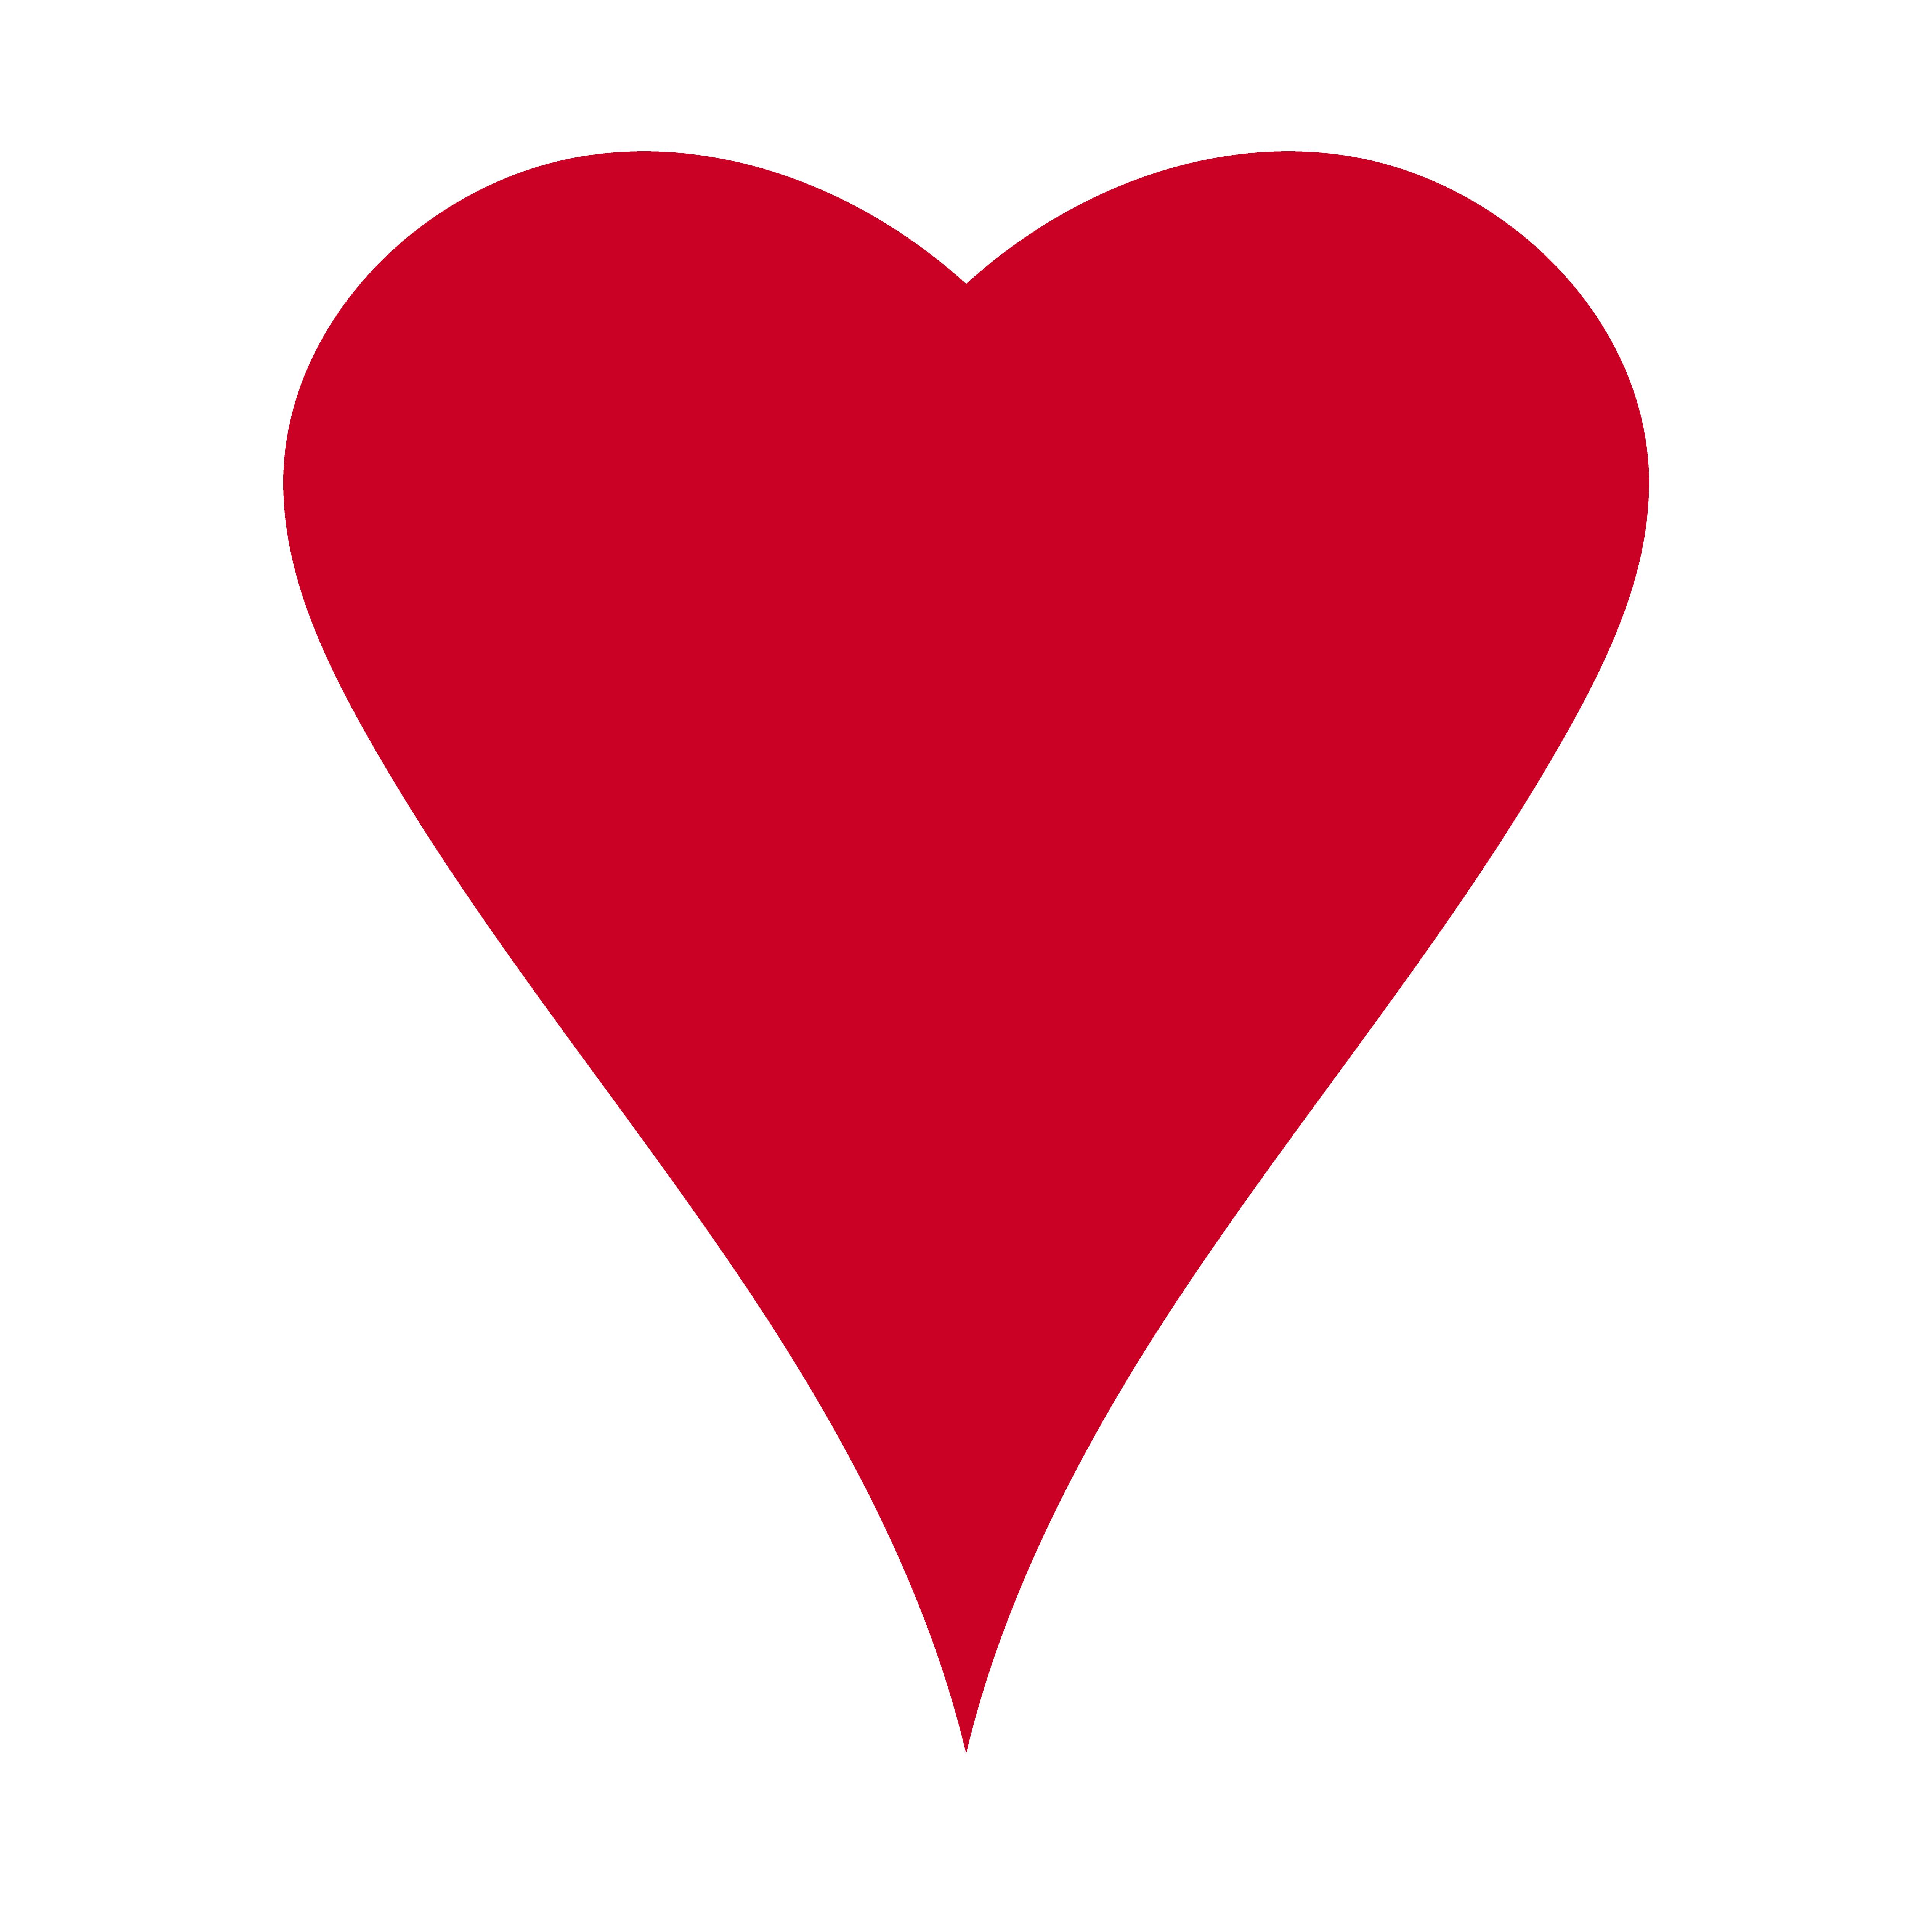 Heart Symbole